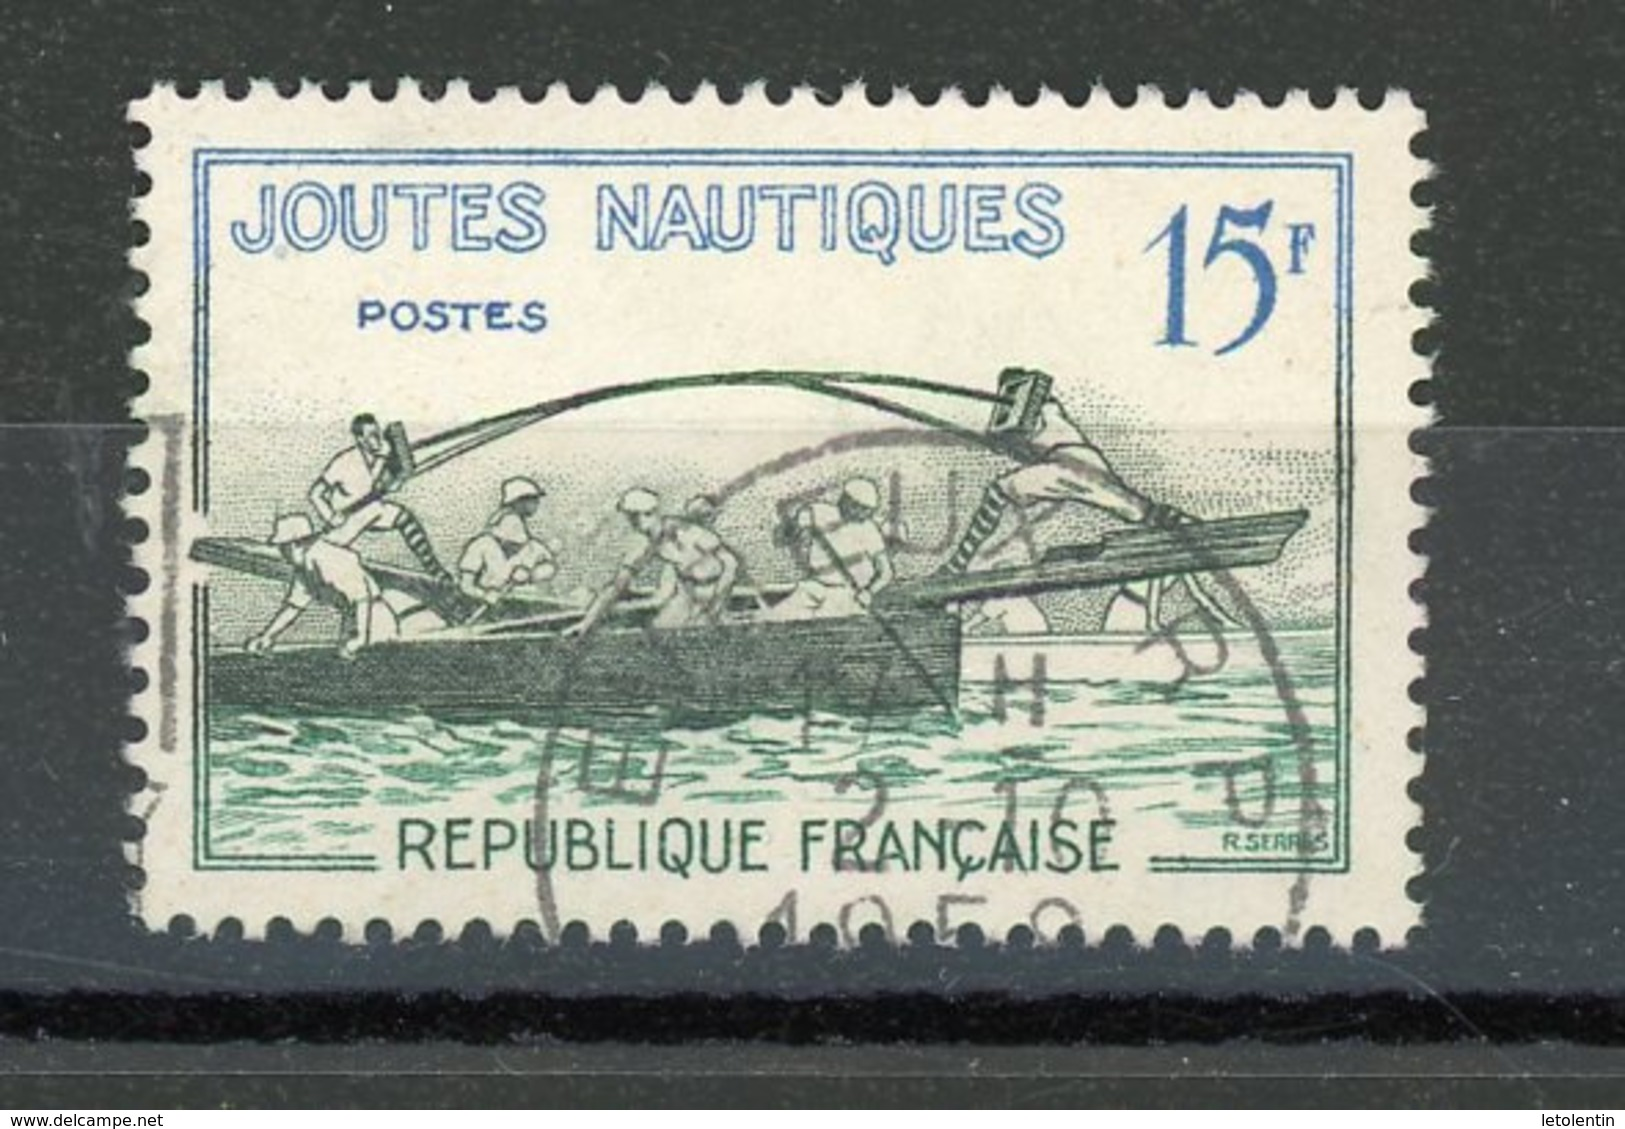 FRANCE - JOUTES NAUTIQUES - N° Yvert 1162 Obli. Ronde De EVREUX 1958 - Oblitérés